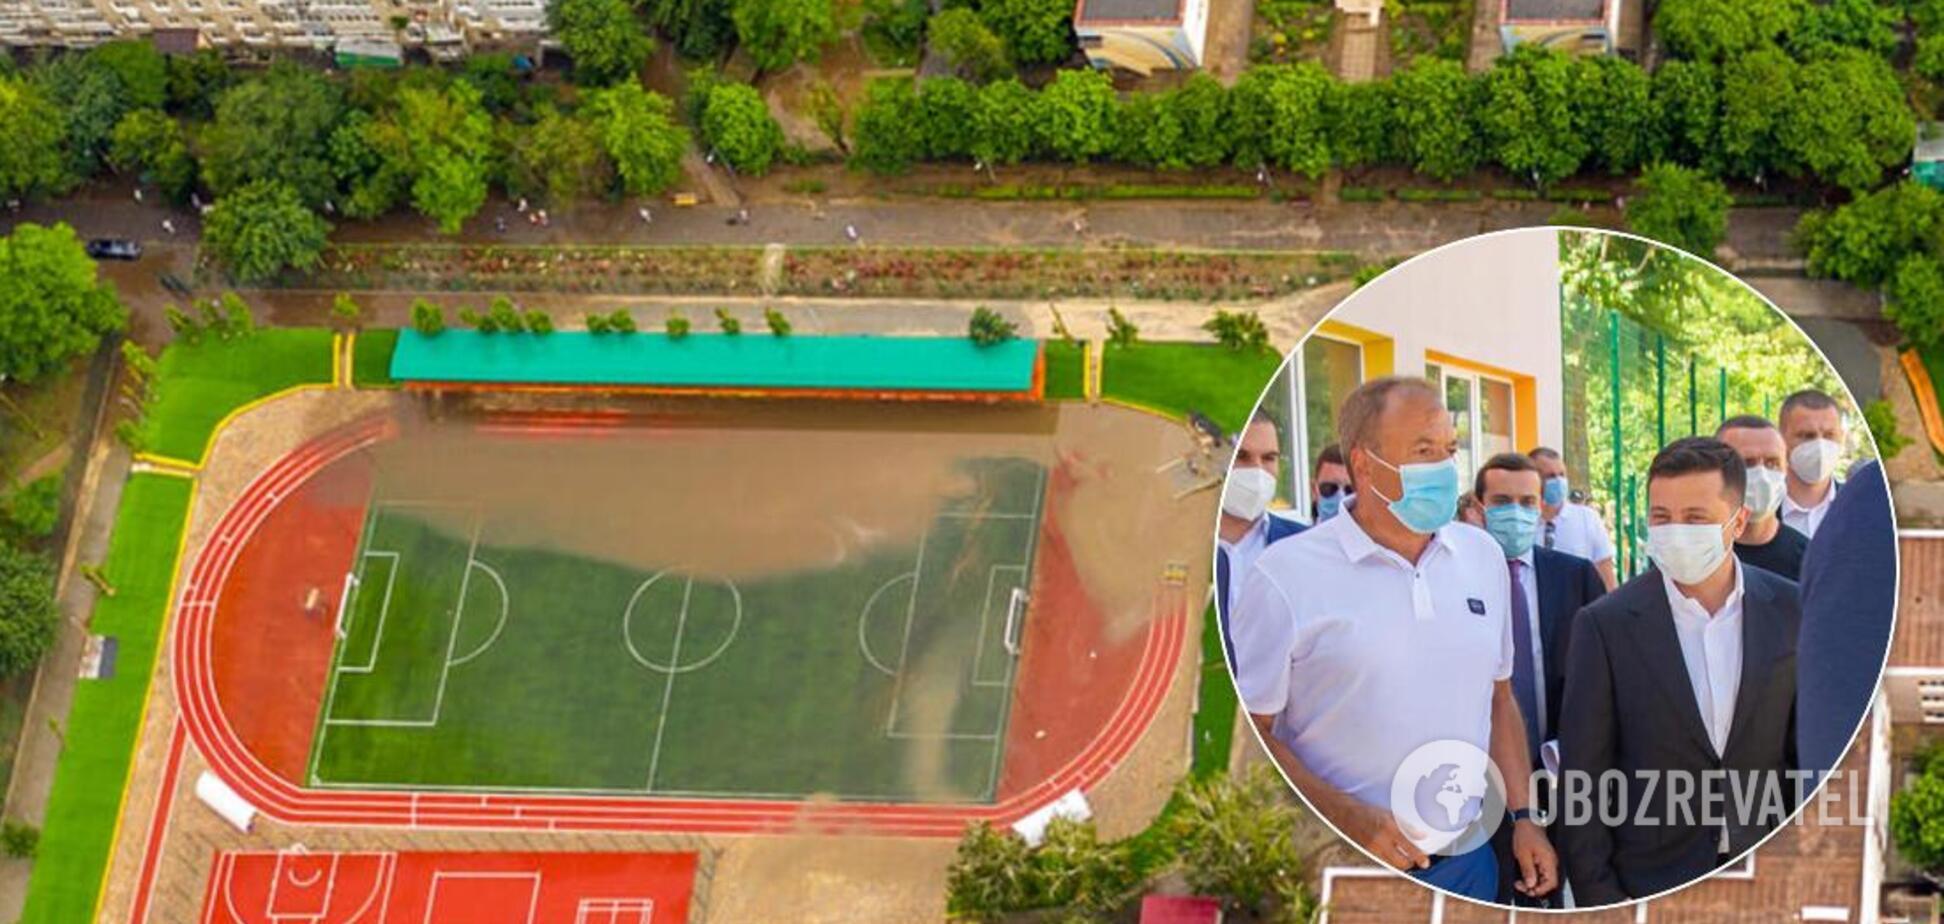 Затоплений стадіон на Одещині, відкритий Зеленським, виявився фейком: фото 'відфотошопили'